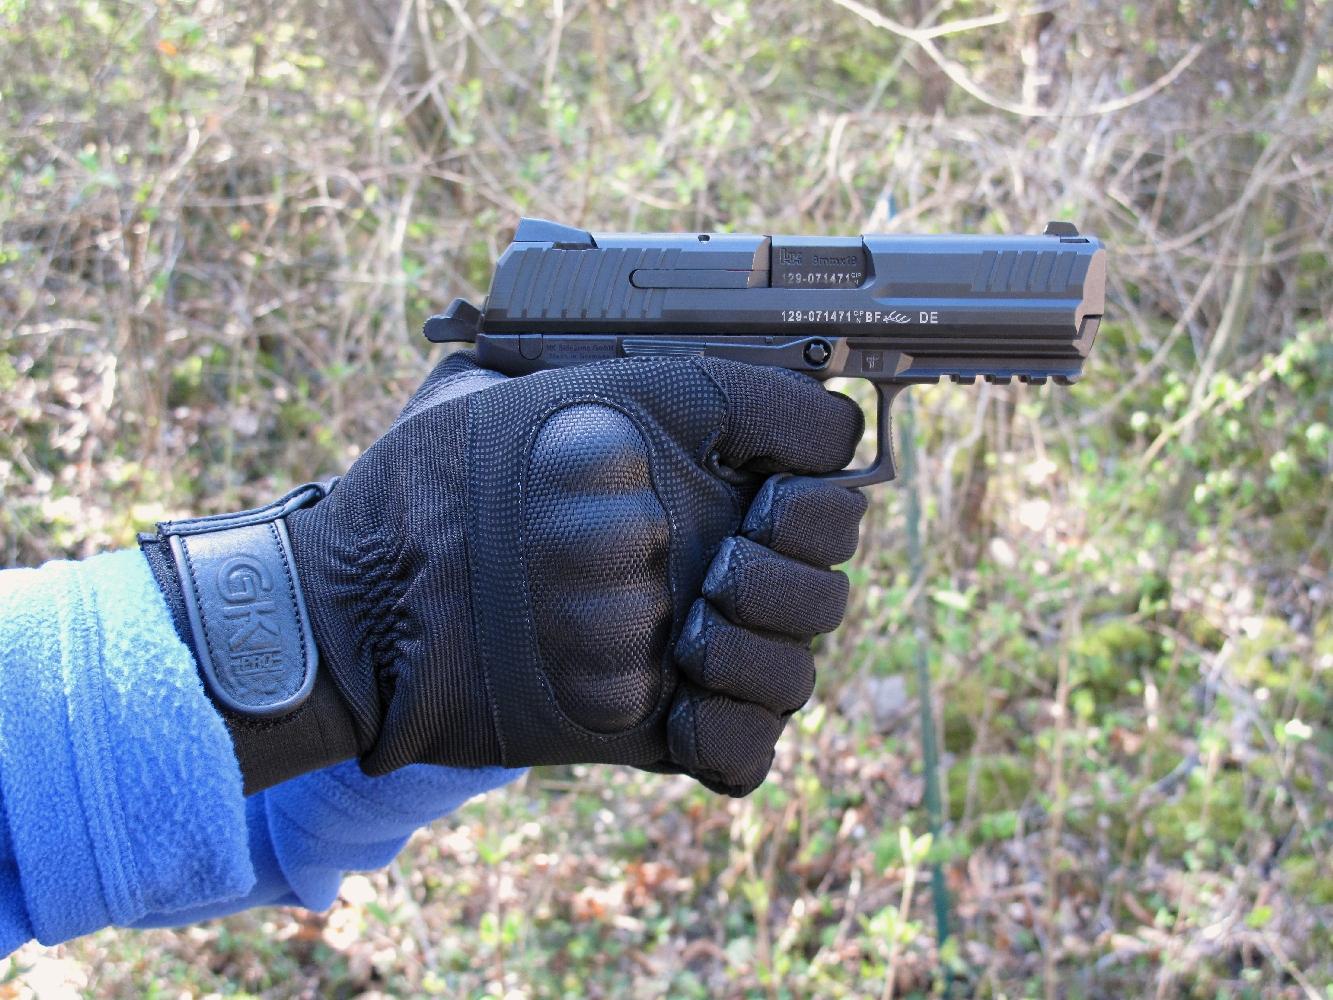 Les gants tactiques coqués bénéficient d'un revêtement caoutchouté, sous la paume et les doigts, qui leur procure d'excellentes qualités antidérapantes.